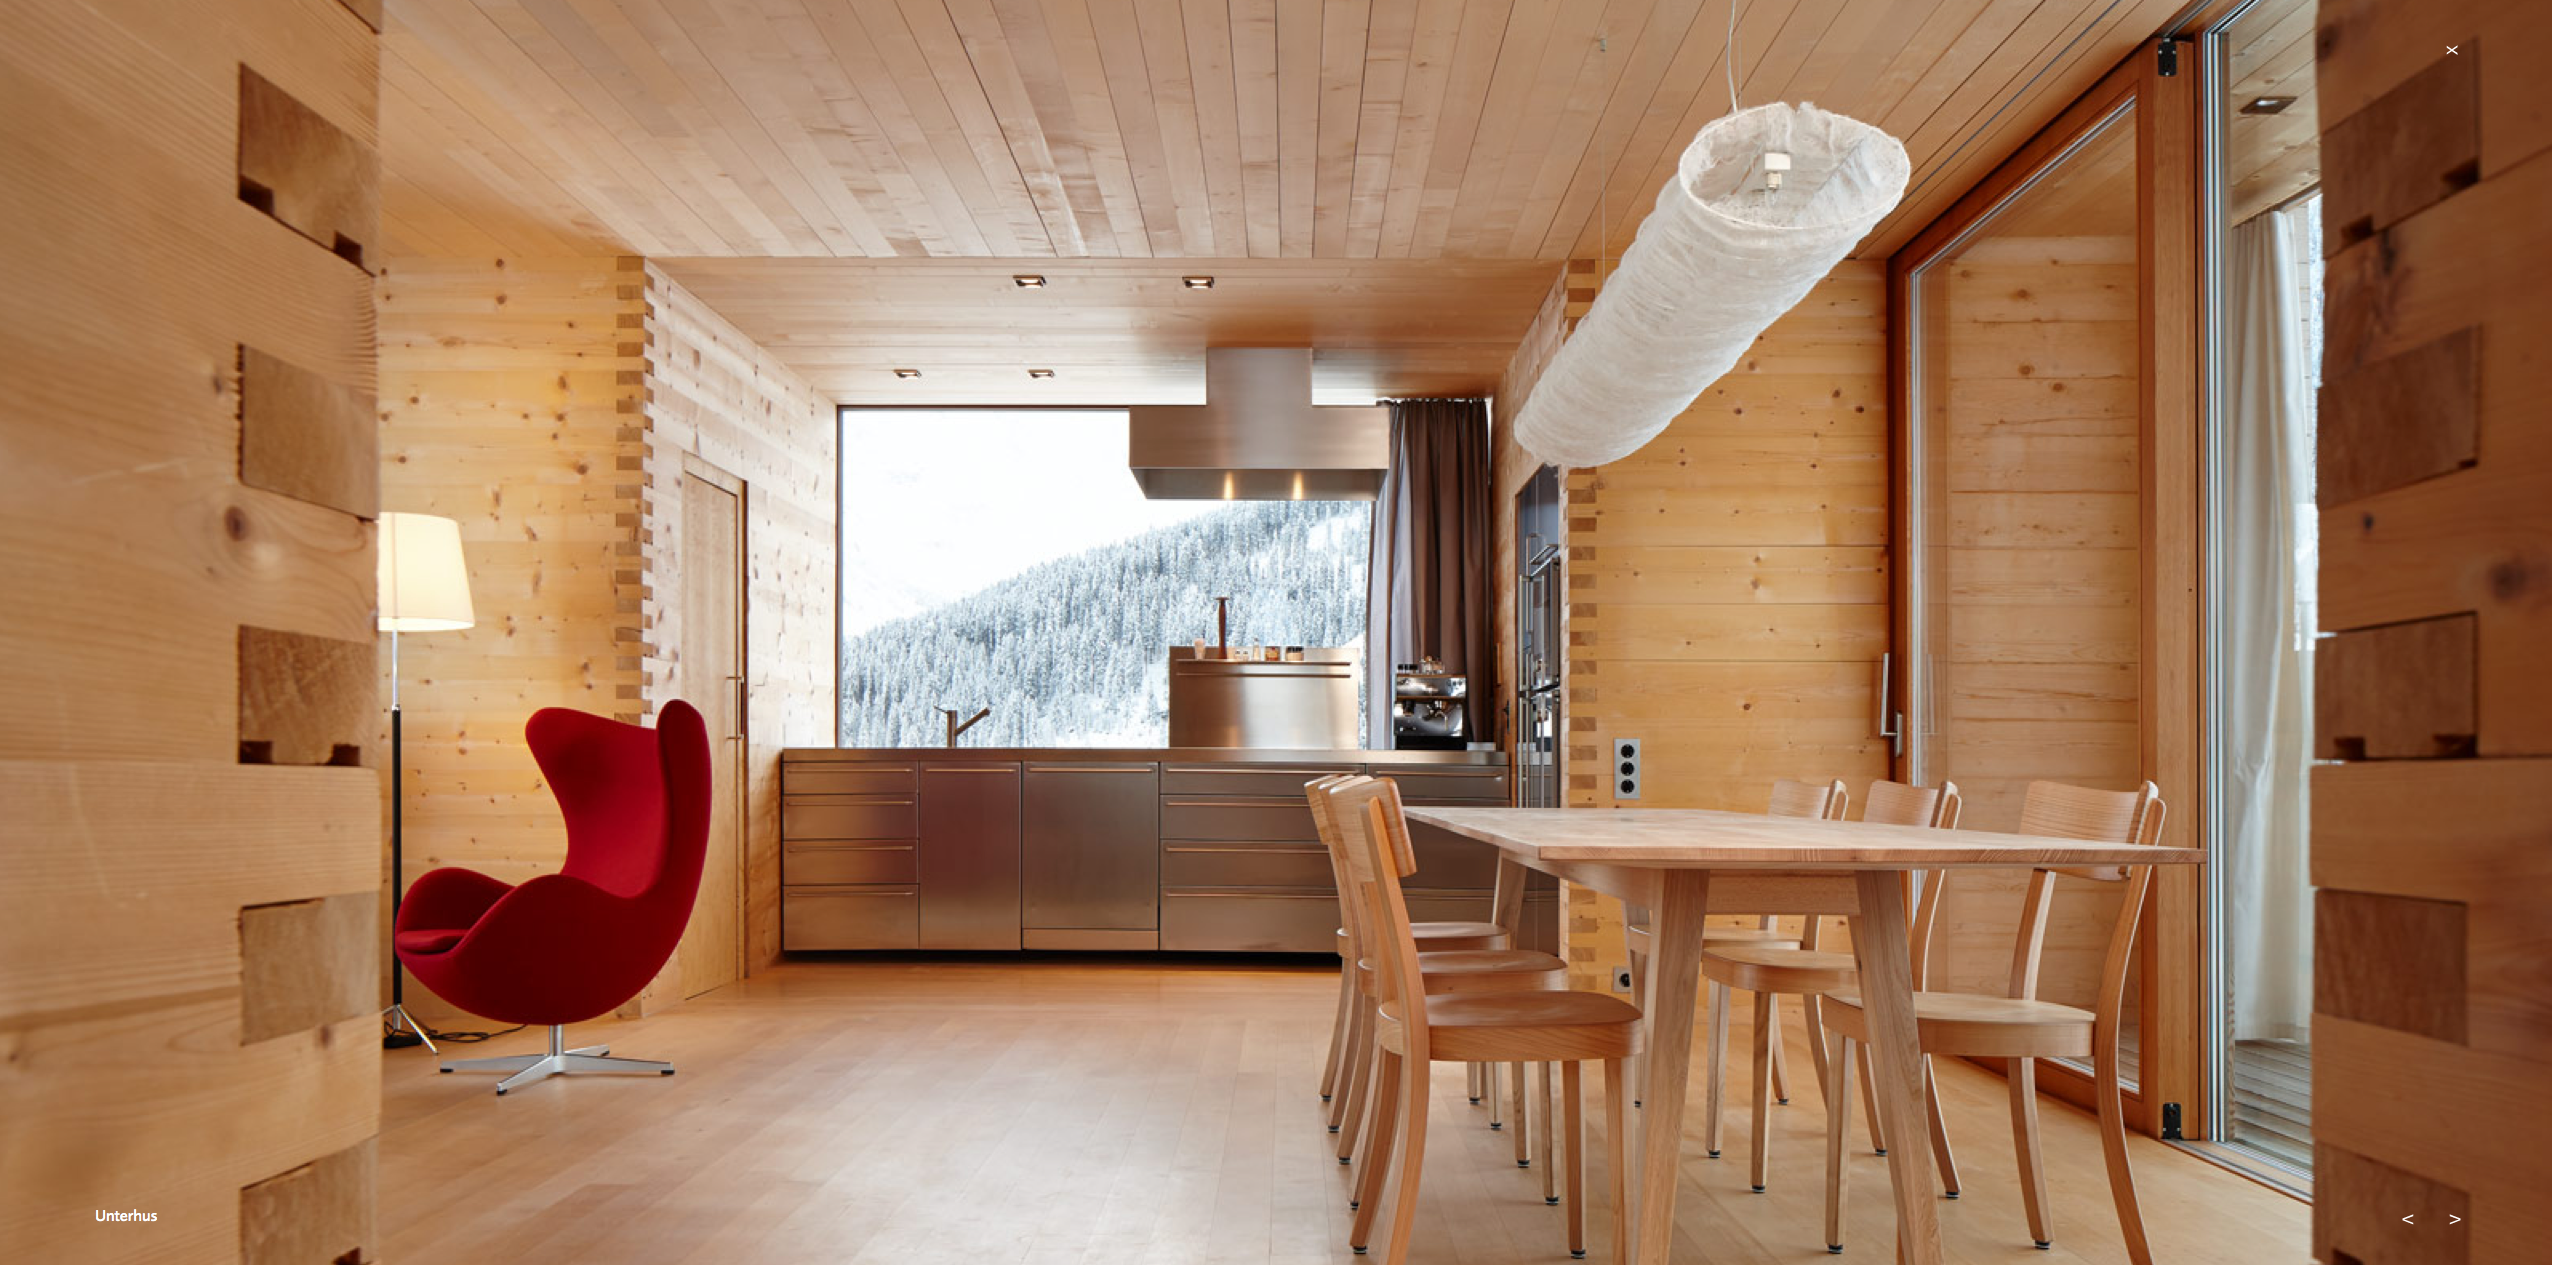 Peter Zumthor Cabins Vals Switzerland Mobilier